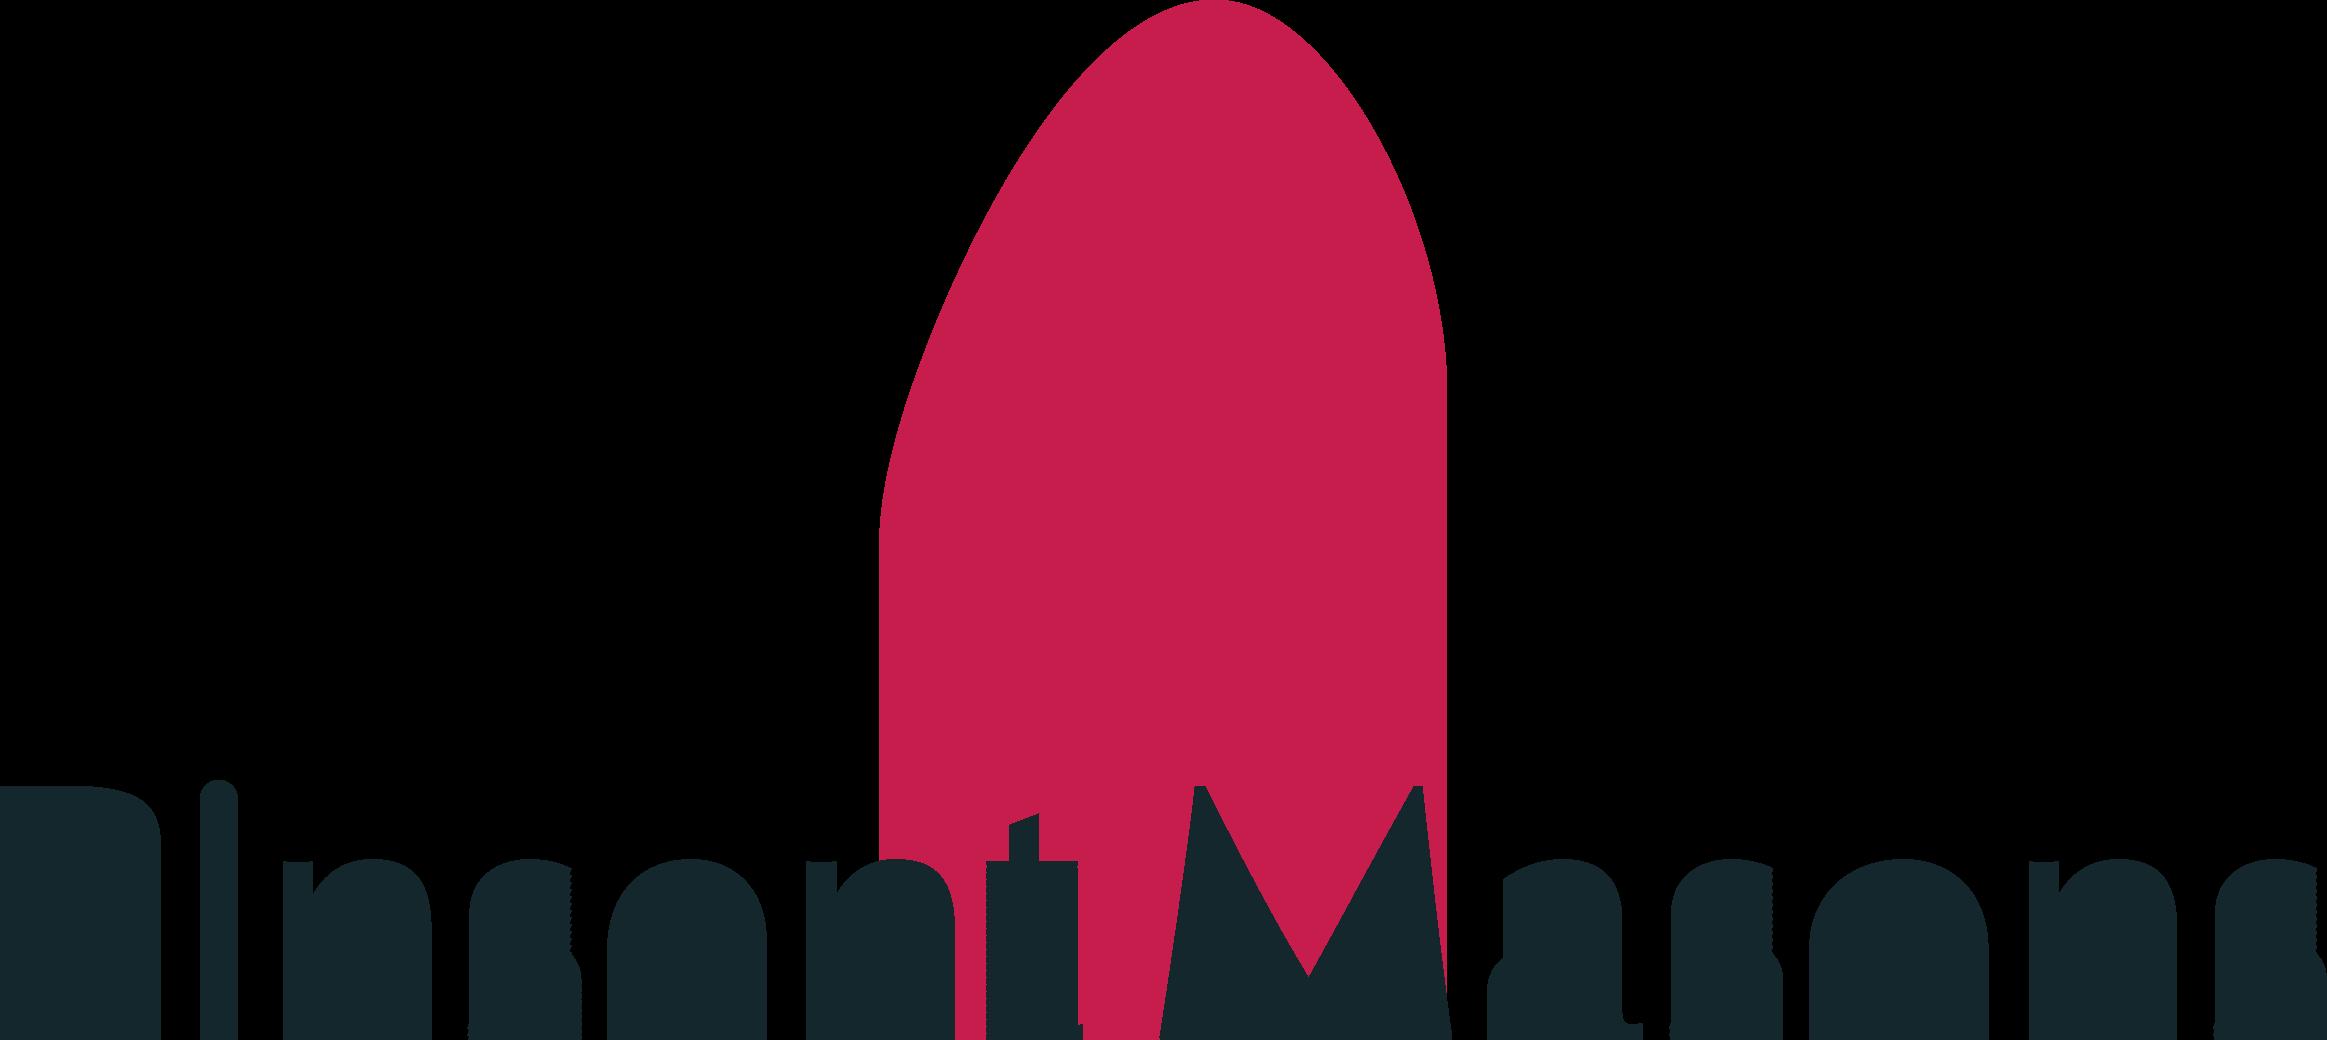 PM colour logo_CMYK